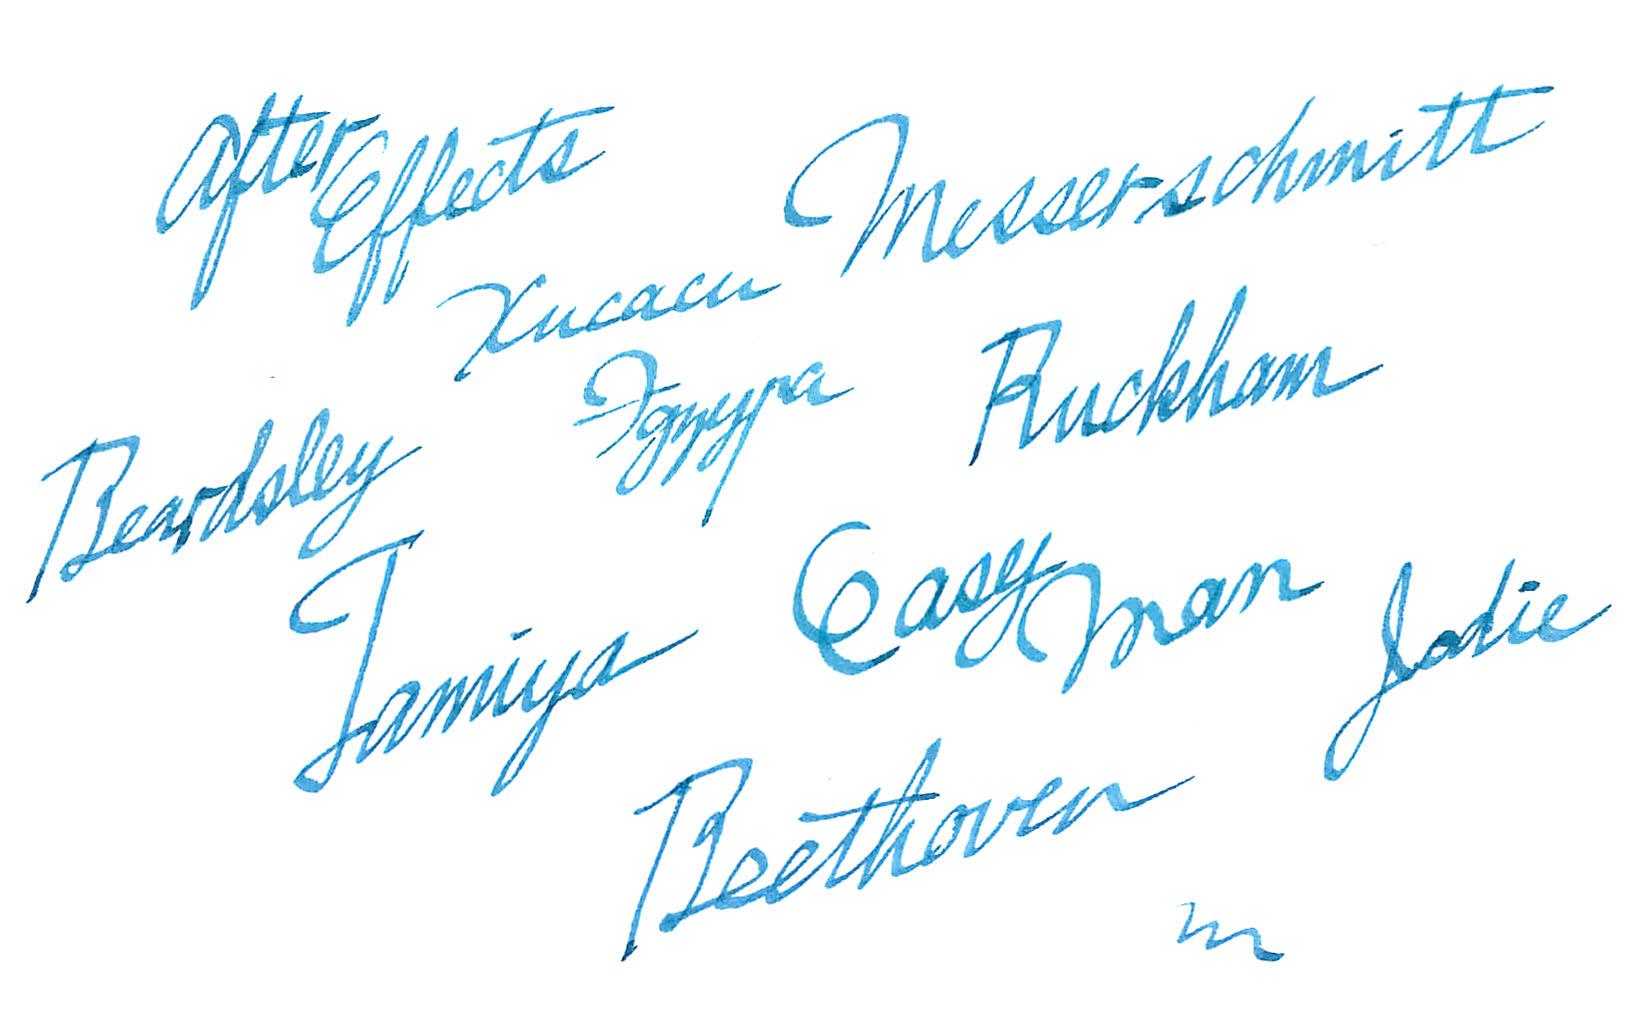 例えば、ラミーの「ジョイ」の表情は大好きで、いわゆる「筆記体っぽい」絵になります。